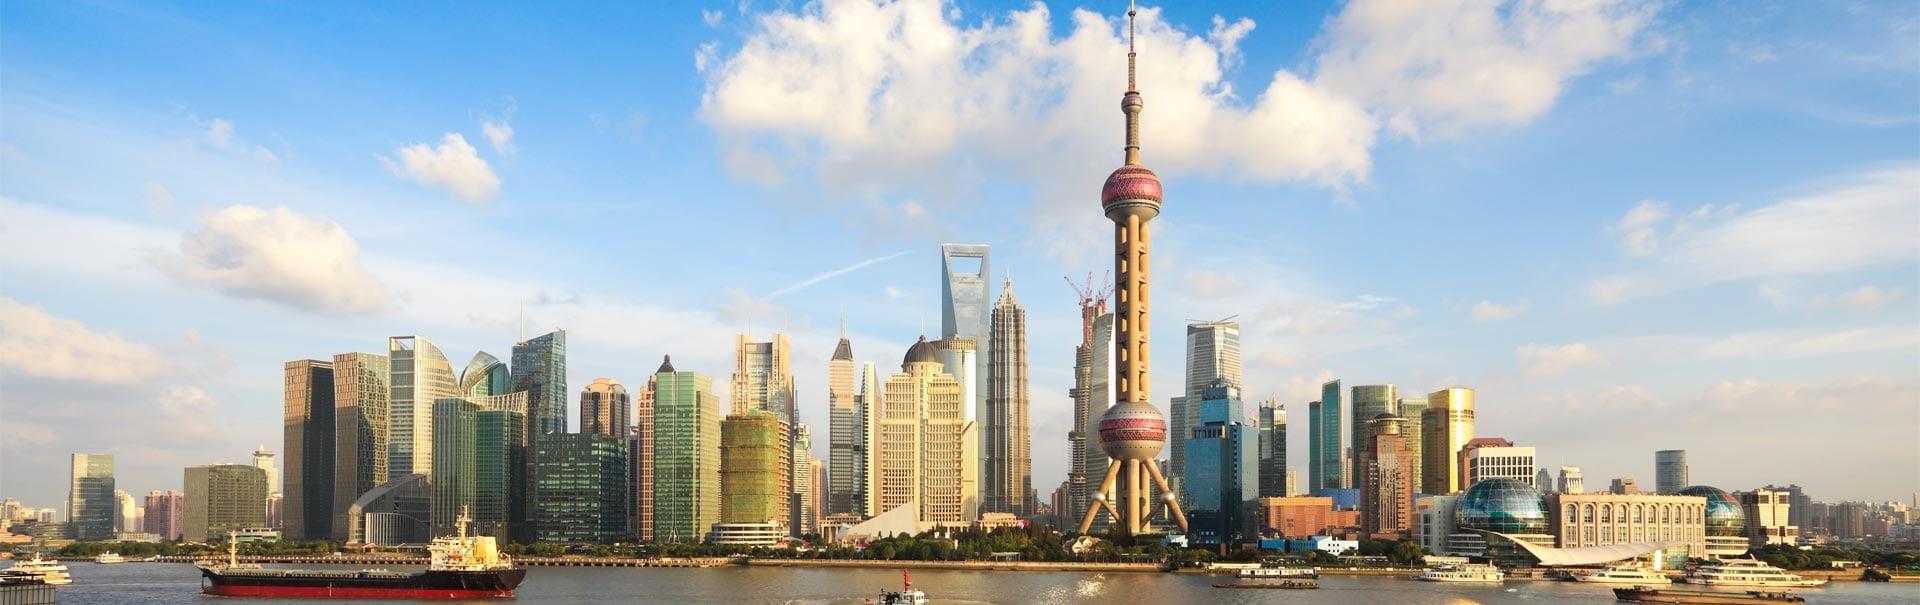 Beijing Shanghai (SHCH1) Banner